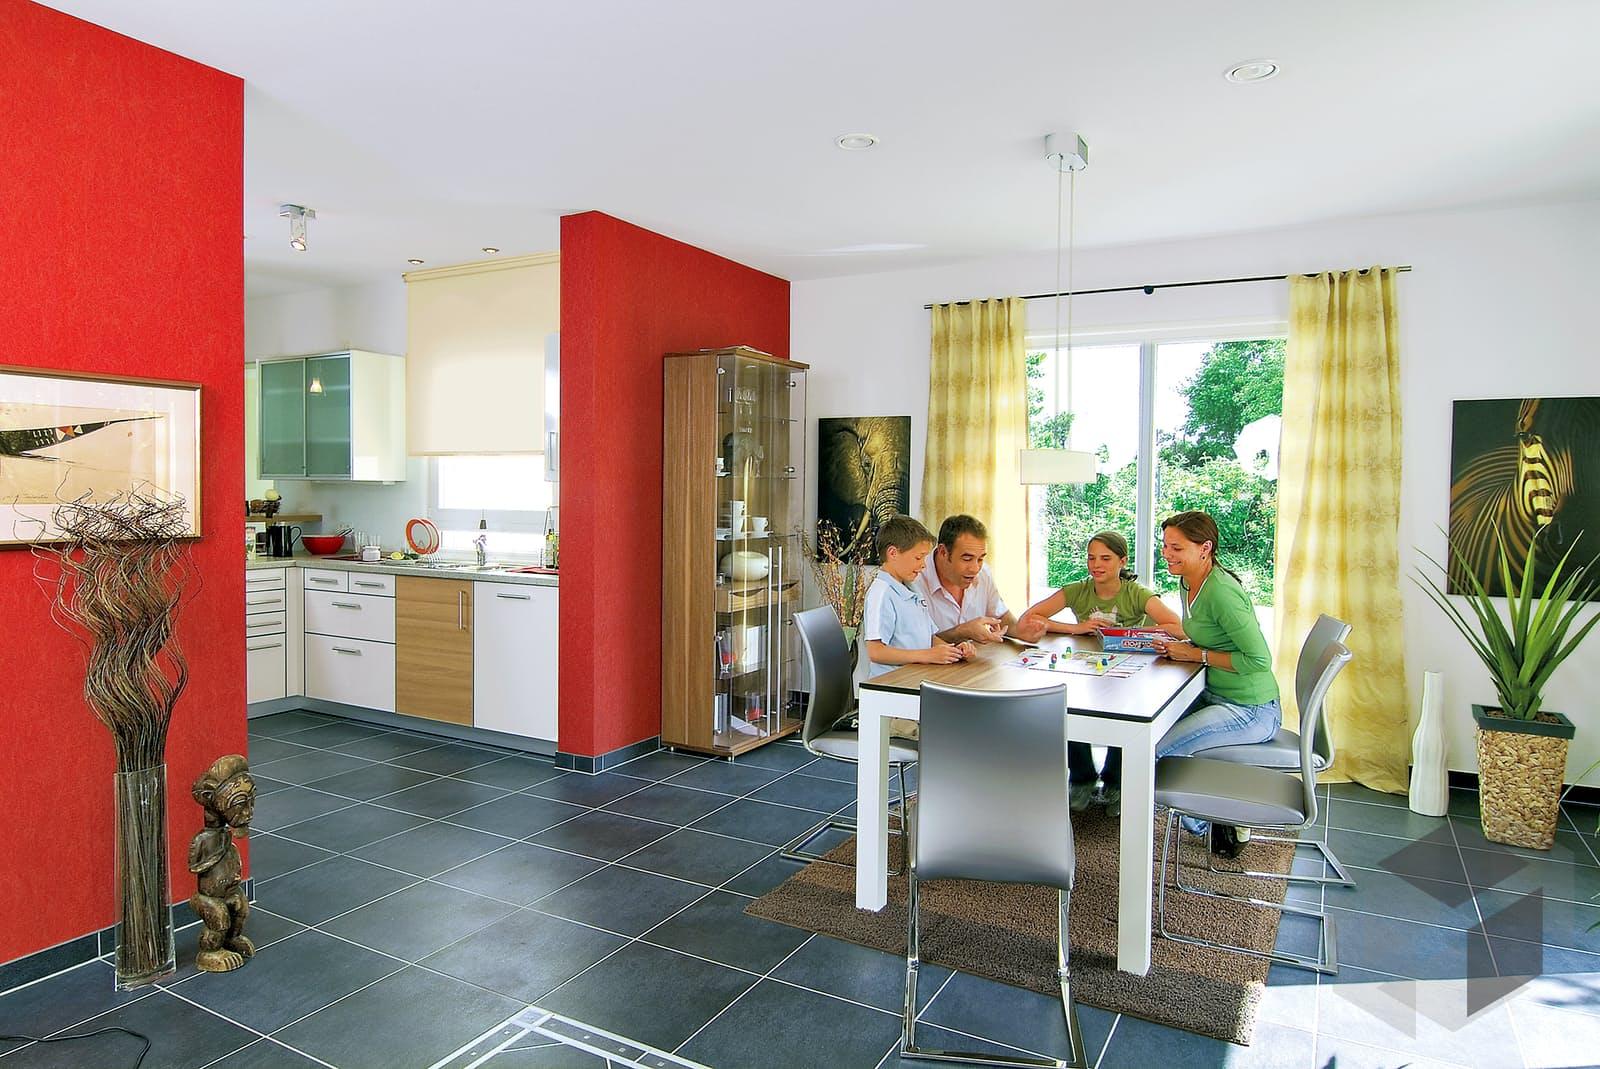 ausstellungshaus mannheim stadtvilla inactive von weberhaus komplette daten bersicht. Black Bedroom Furniture Sets. Home Design Ideas